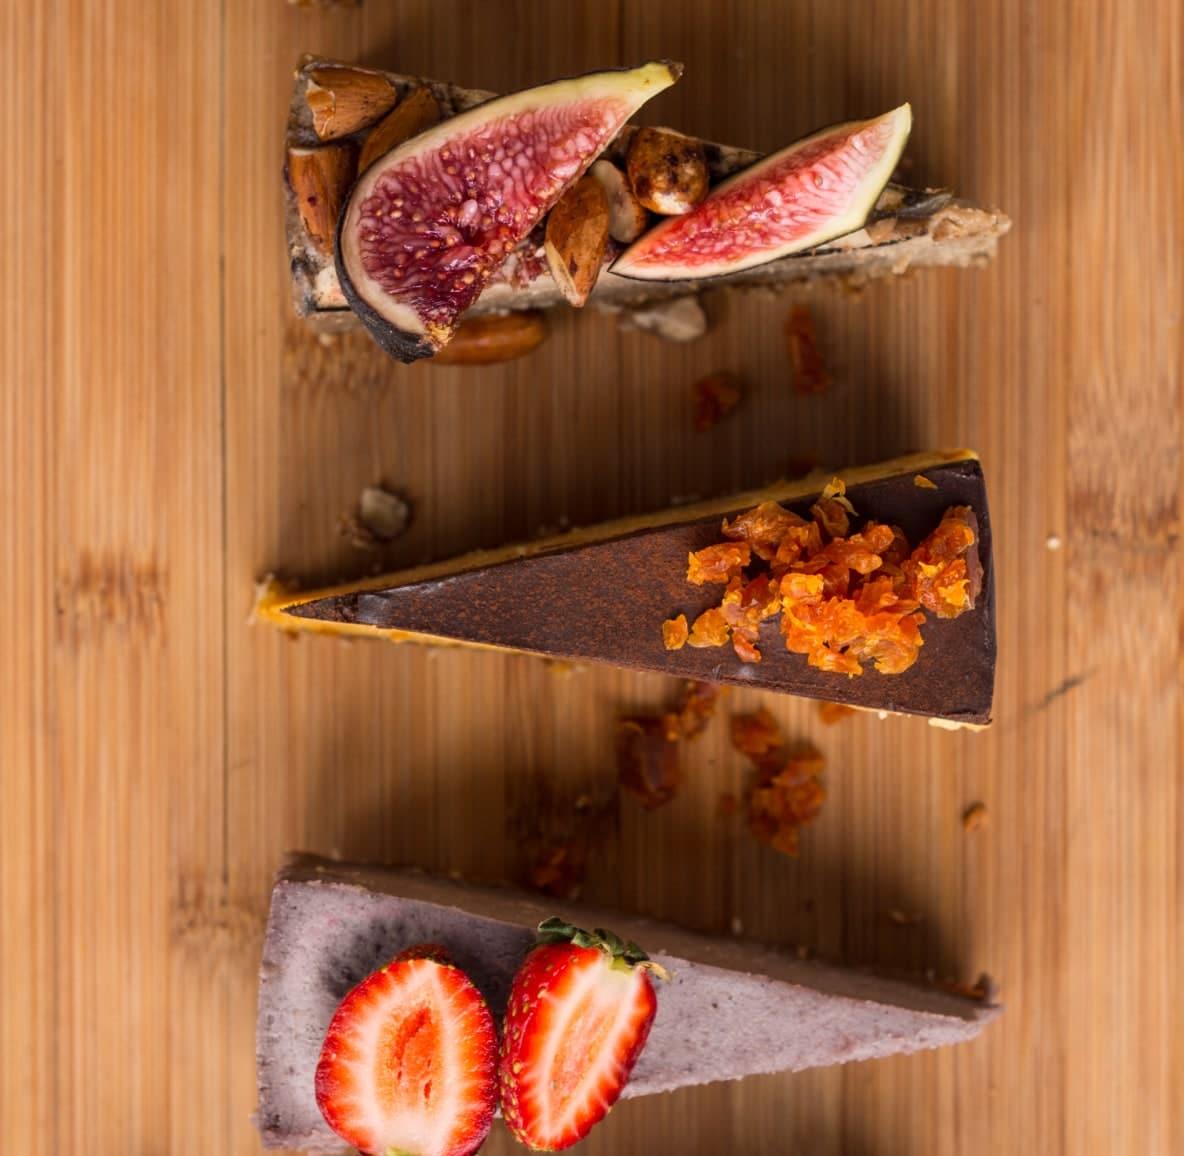 Três fatias de tortas de frutas diferentes exibidas ordenadamente em uma tábua de madeira